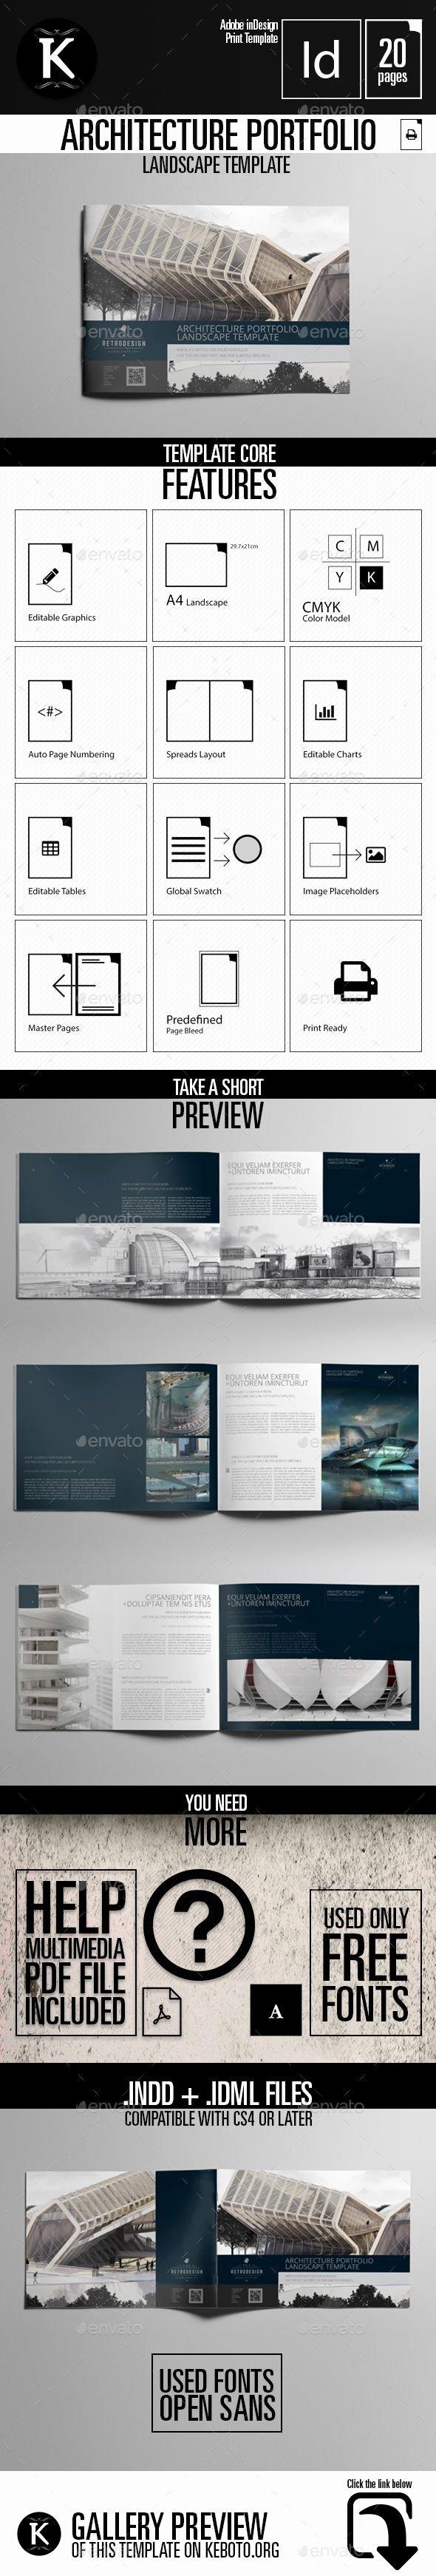 Architecture Portfolio Template Indesign Inspirational Landscape Architecture Portfolio issuu Download Books